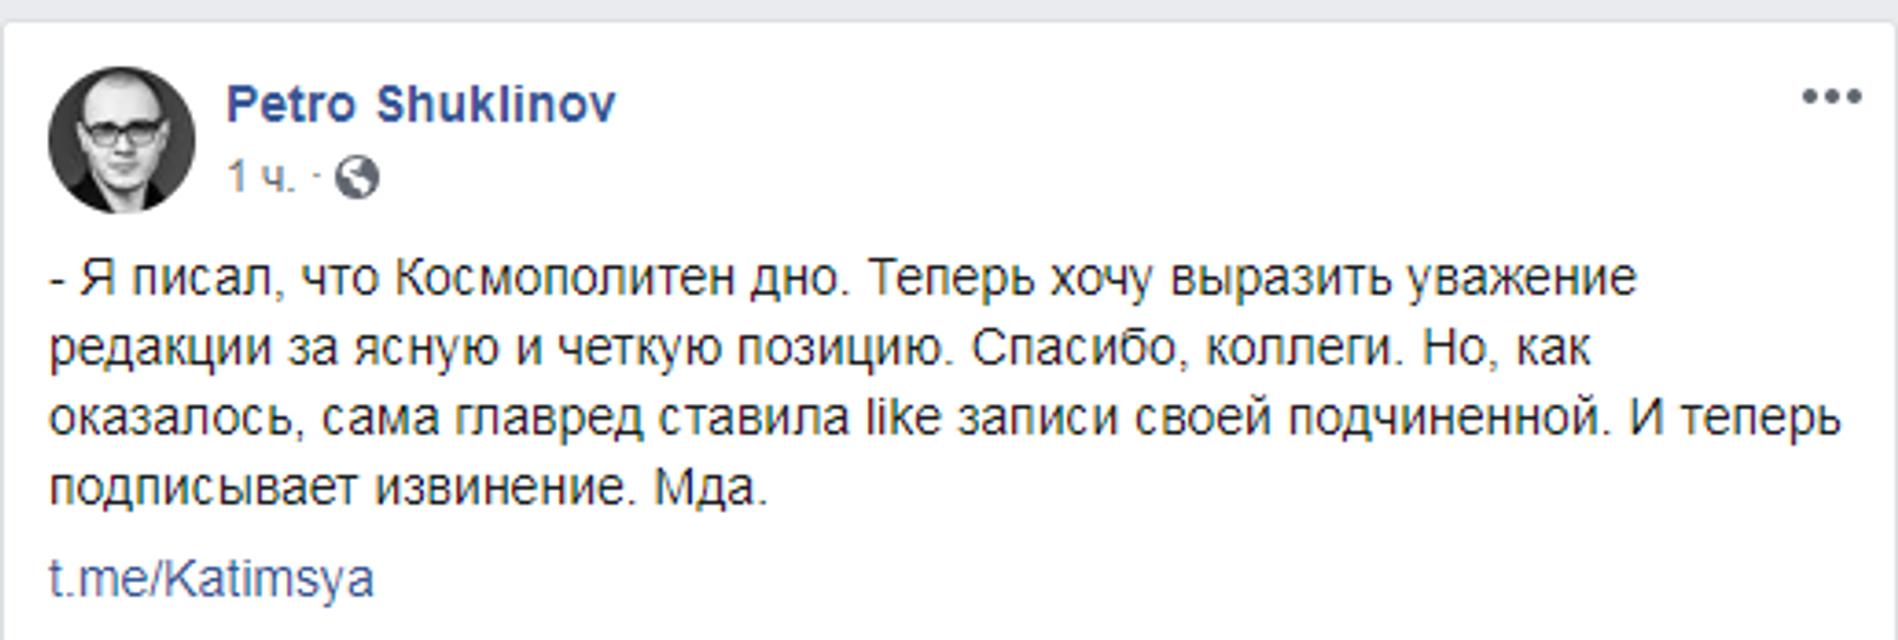 Cosmopolitan изгнал 'шутницу' о похоронах Героя Украины - фото 192367